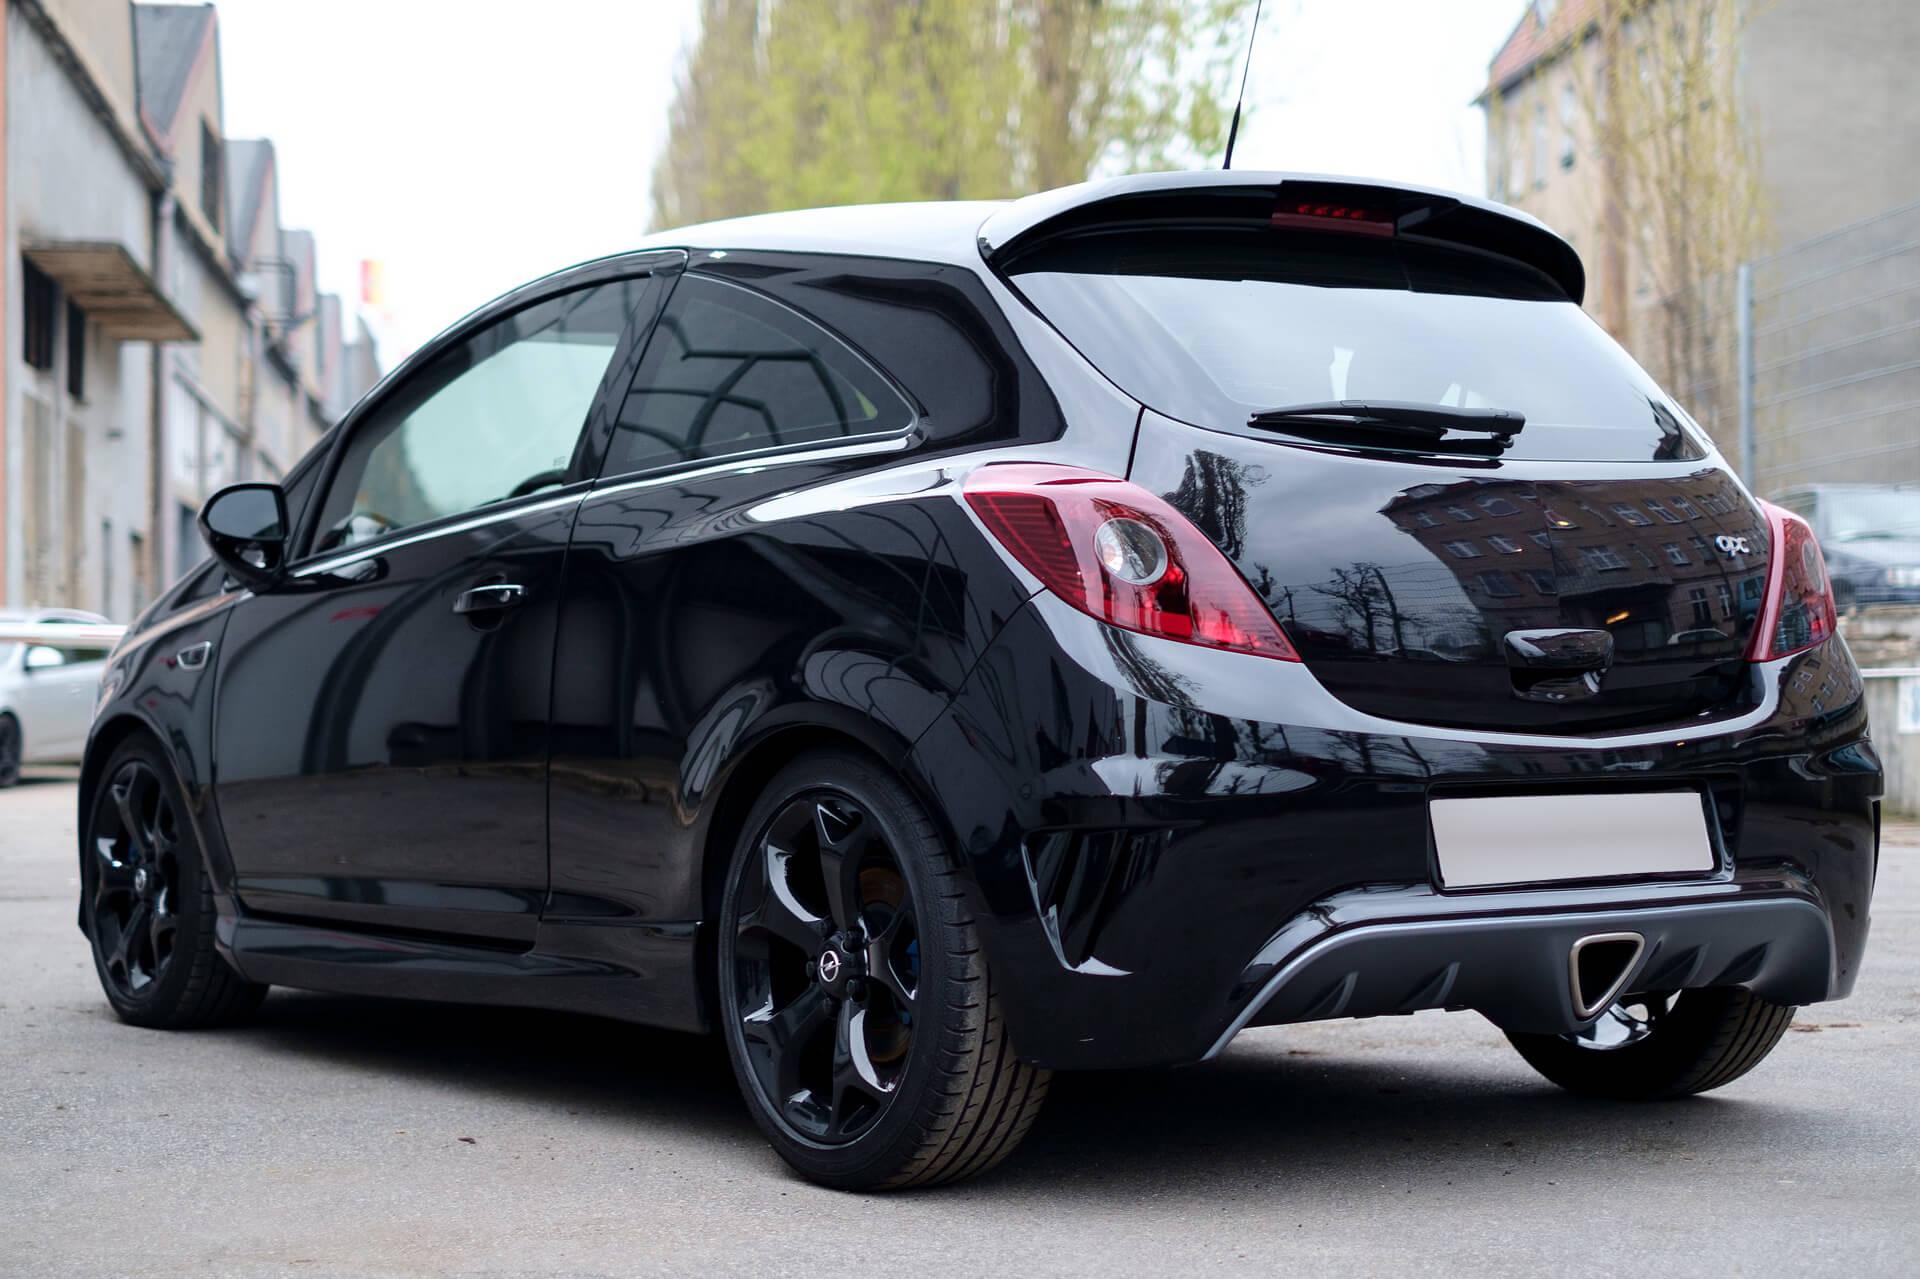 Buy Used Cars For Sale in Germany - AvtoNet Nemčija